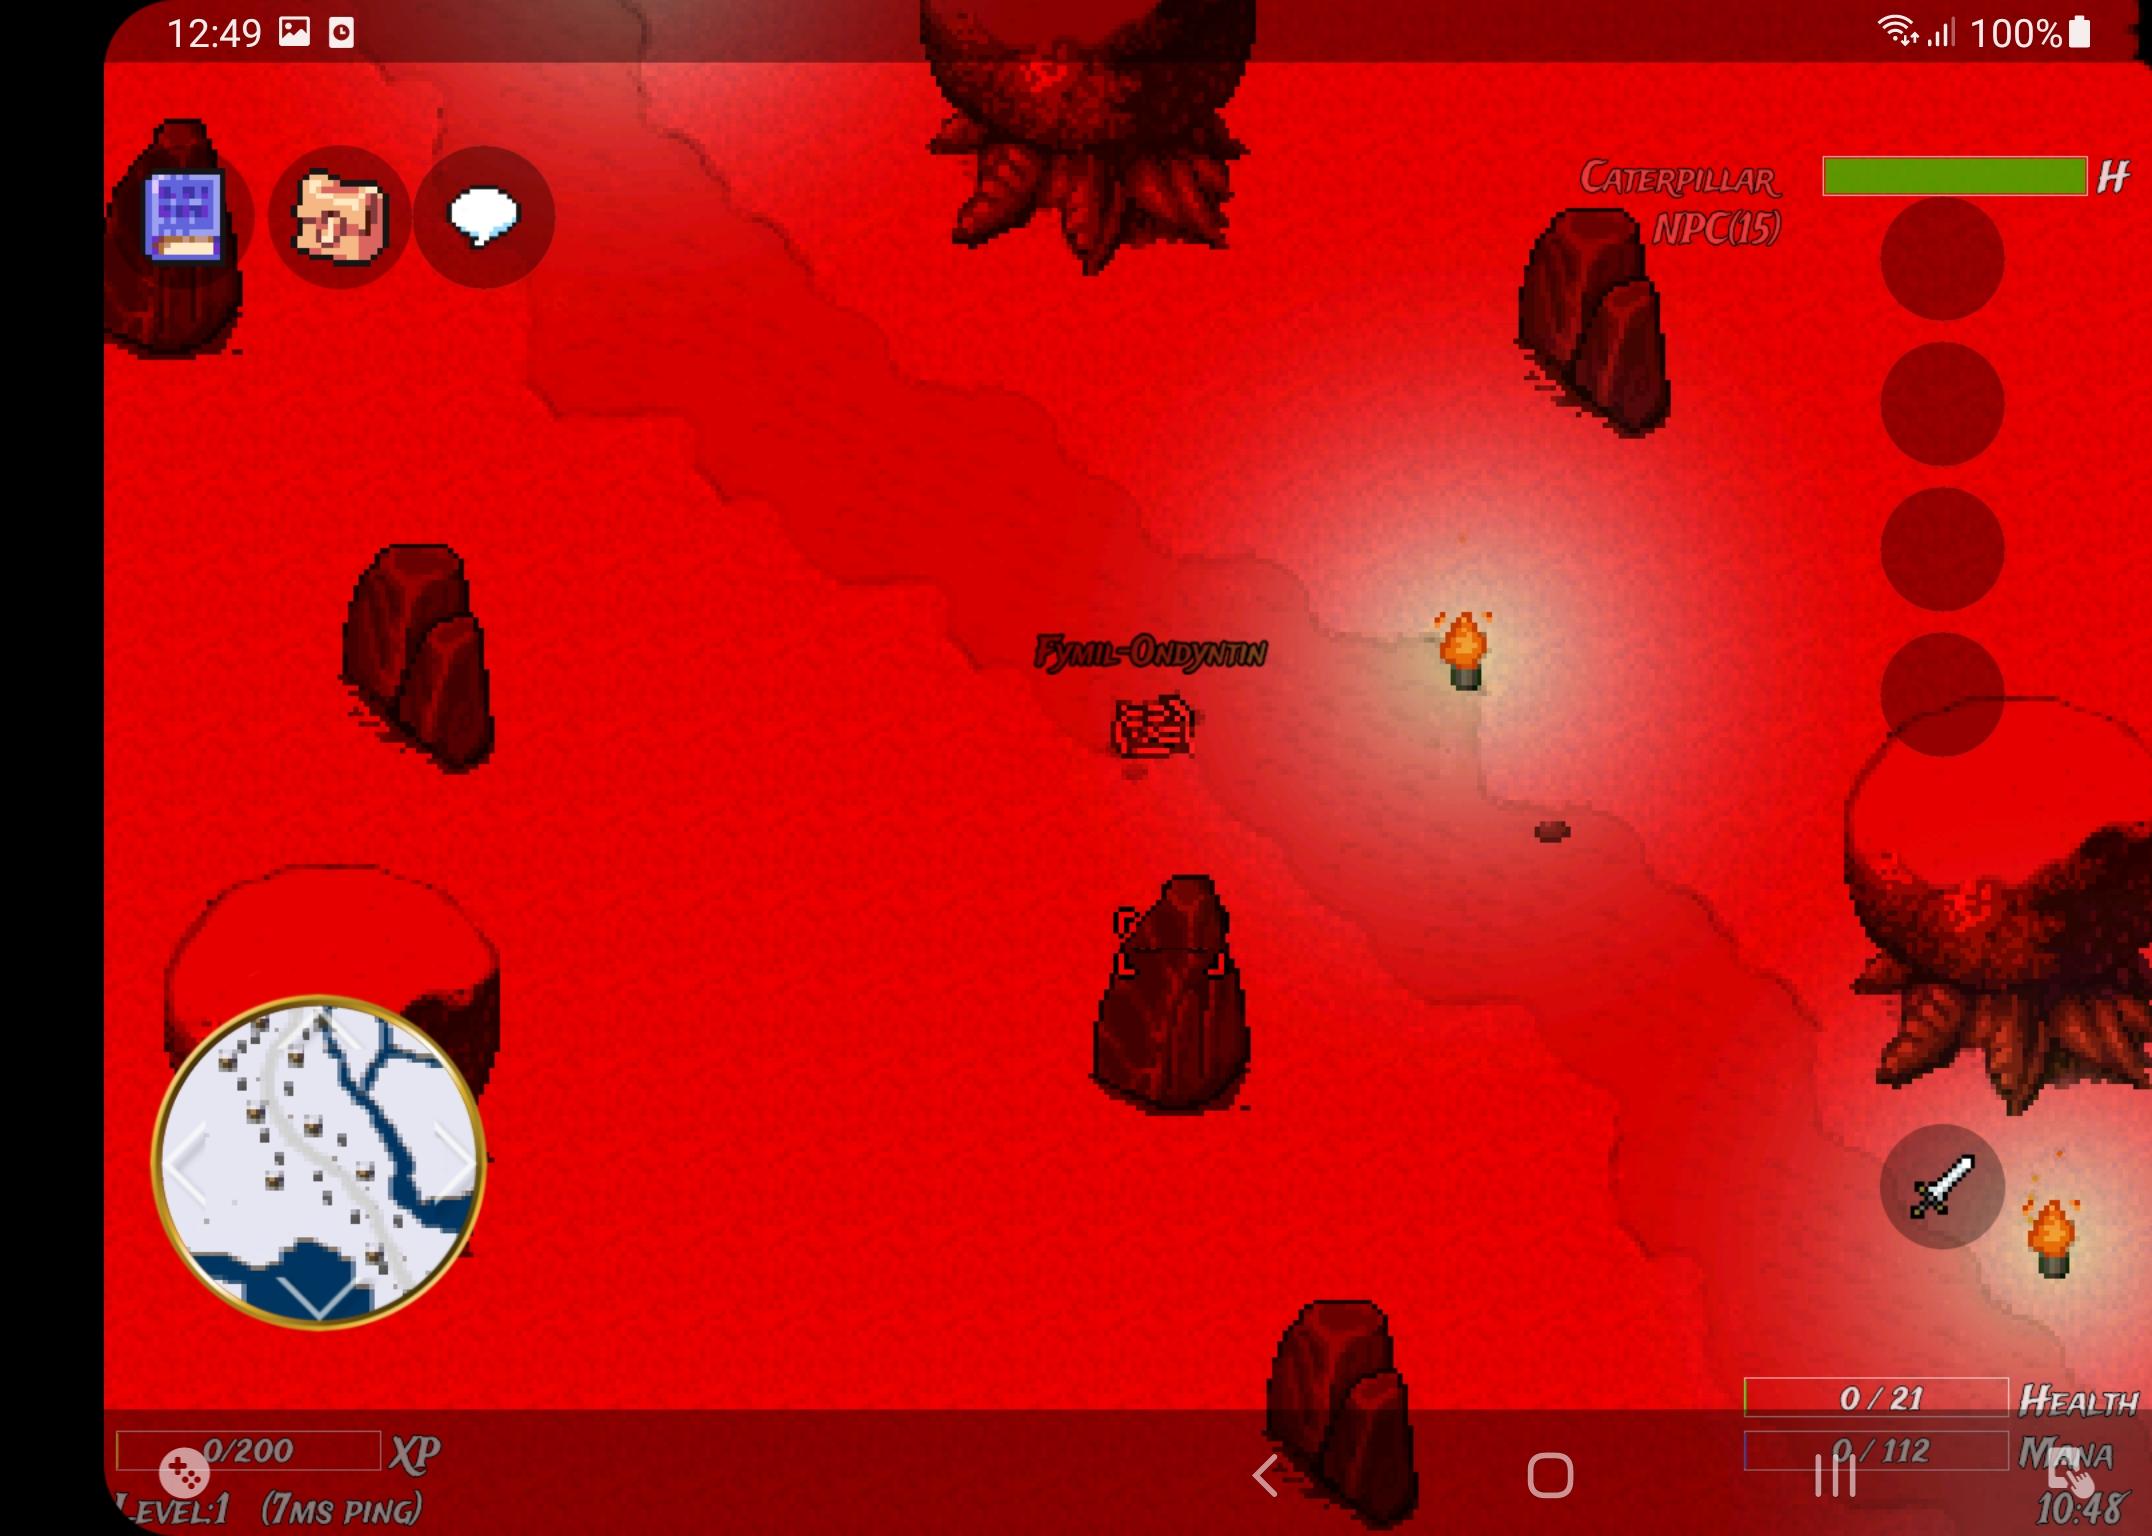 Screenshot of a battle